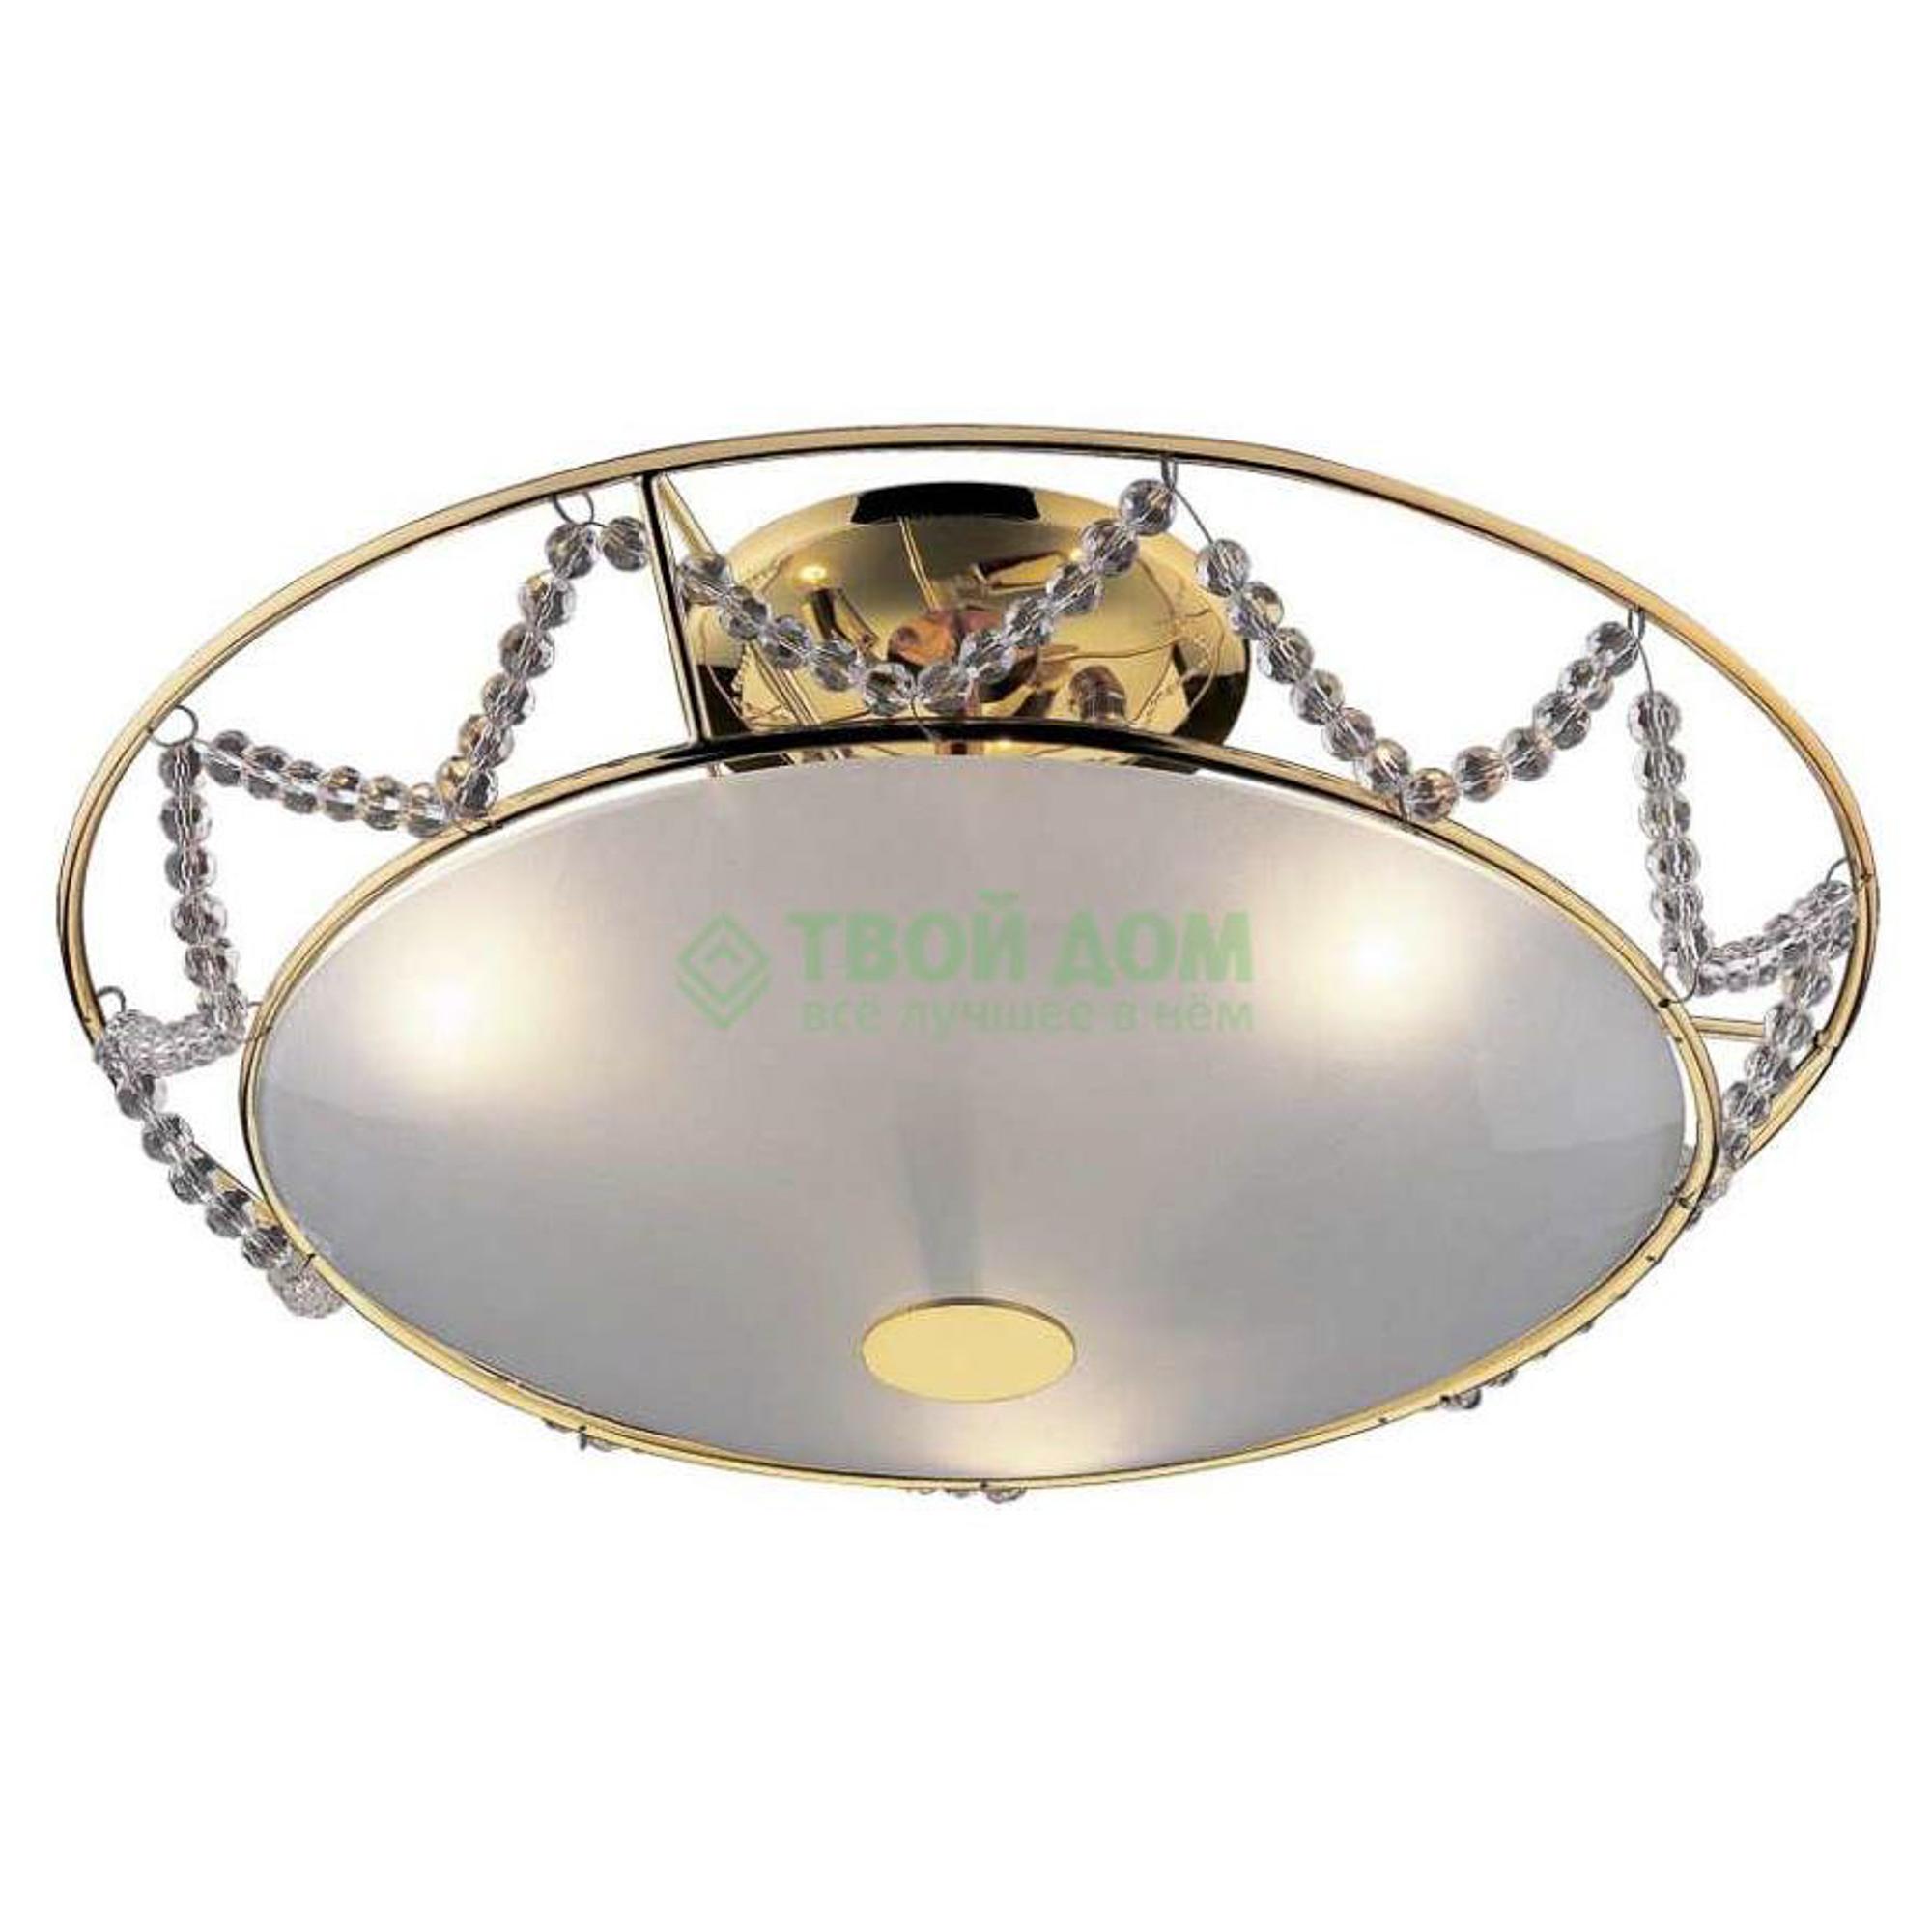 Купить Люстра потолочная ODEON Gota Gold (1424/3), люстра потолочная, Испания